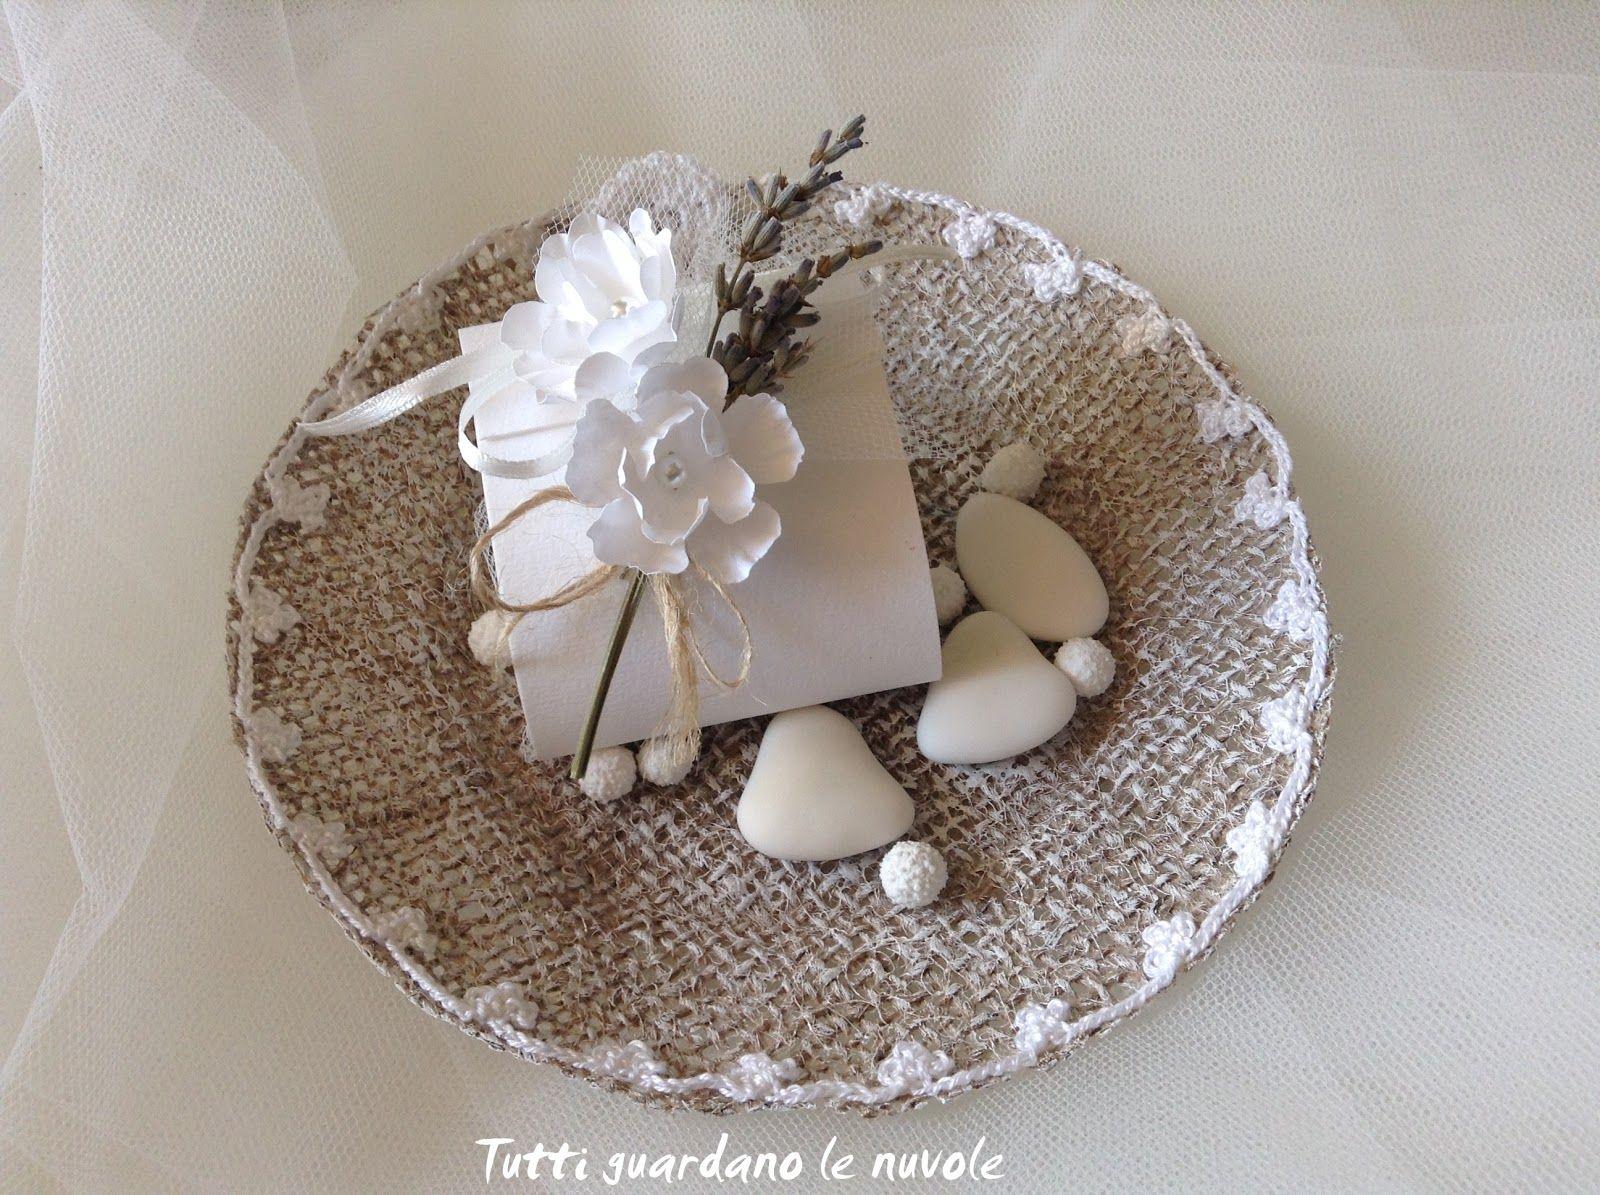 Bomboniera Country Chic Handemade, Wedding Tea Cup realizzata in juta e crochet